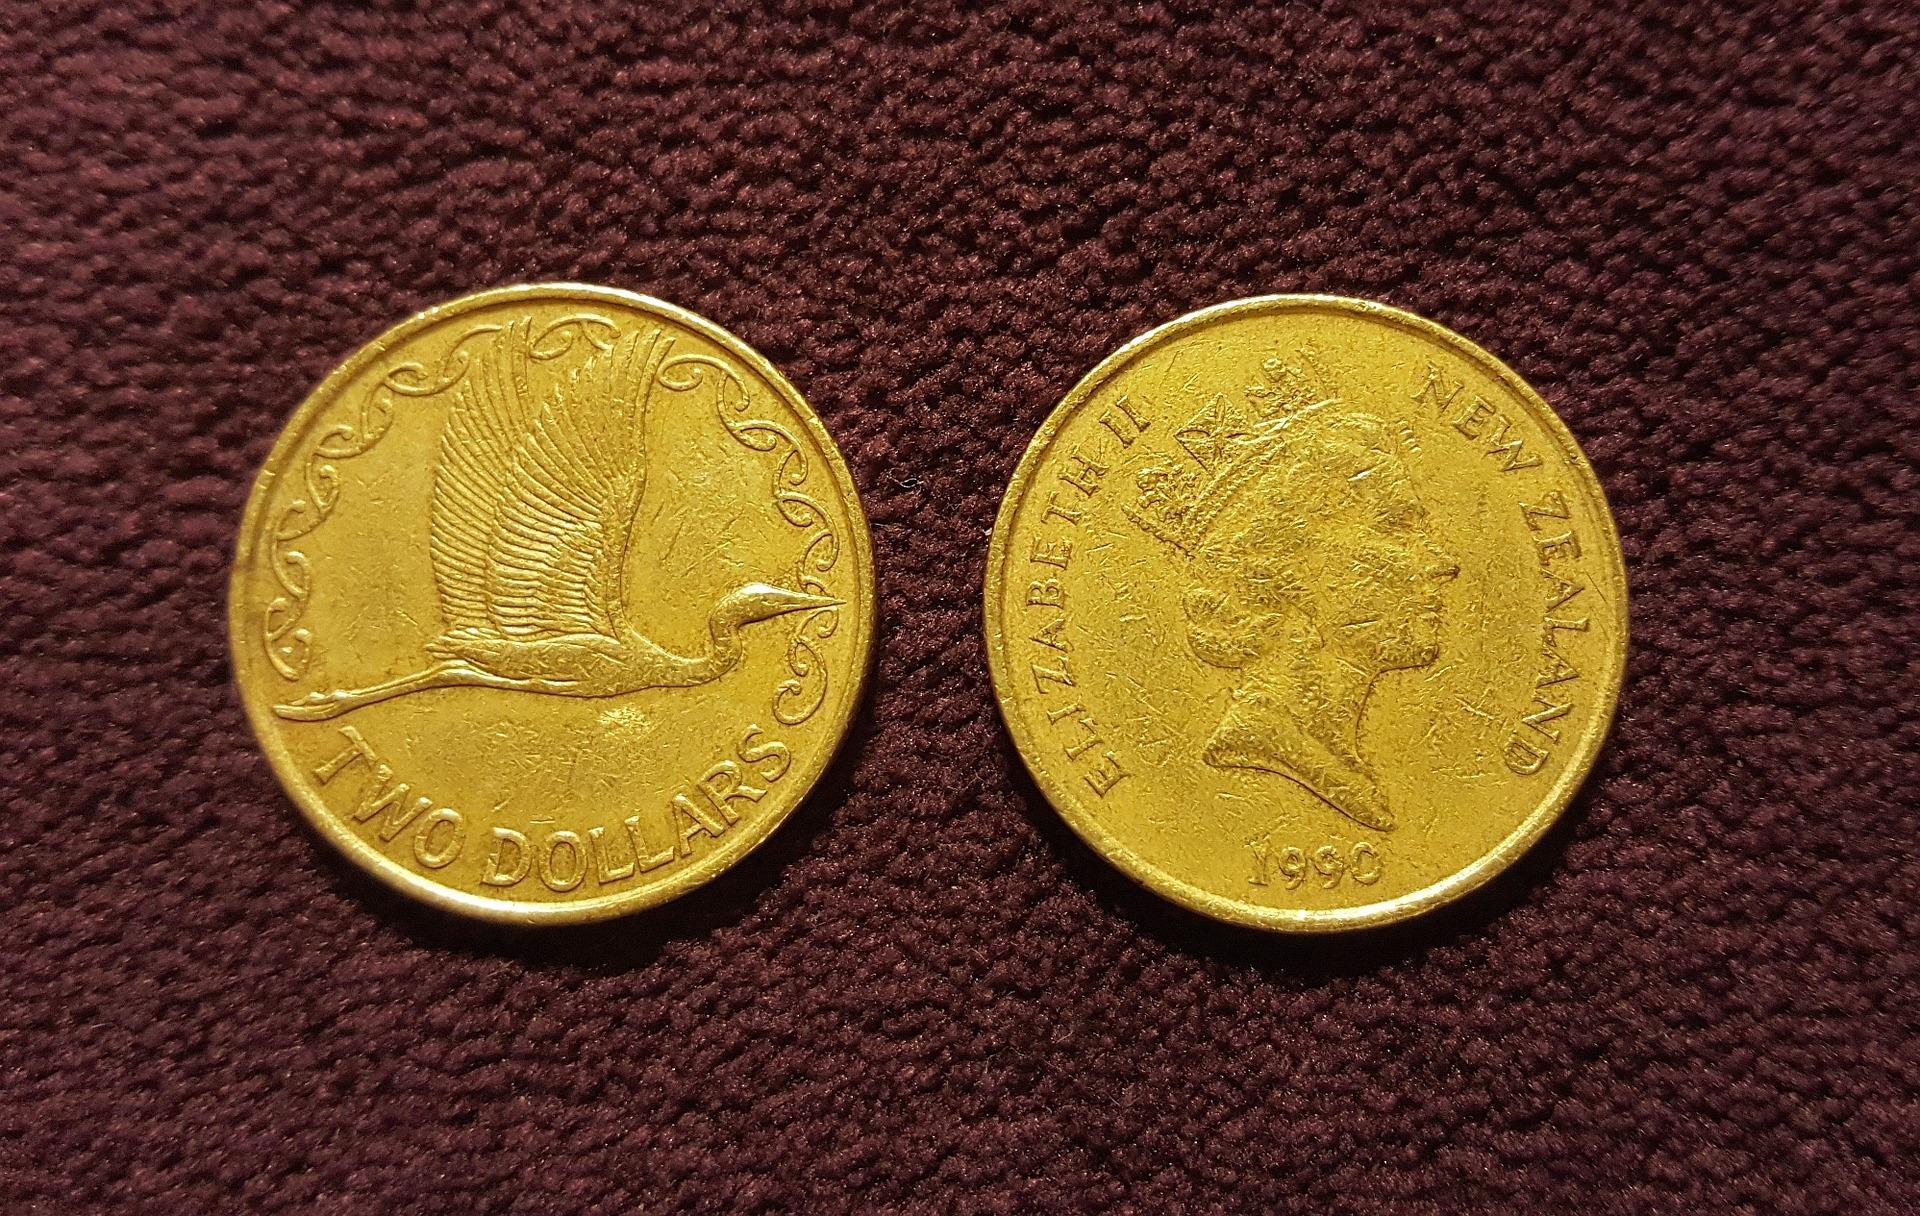 coins-1466263_1920